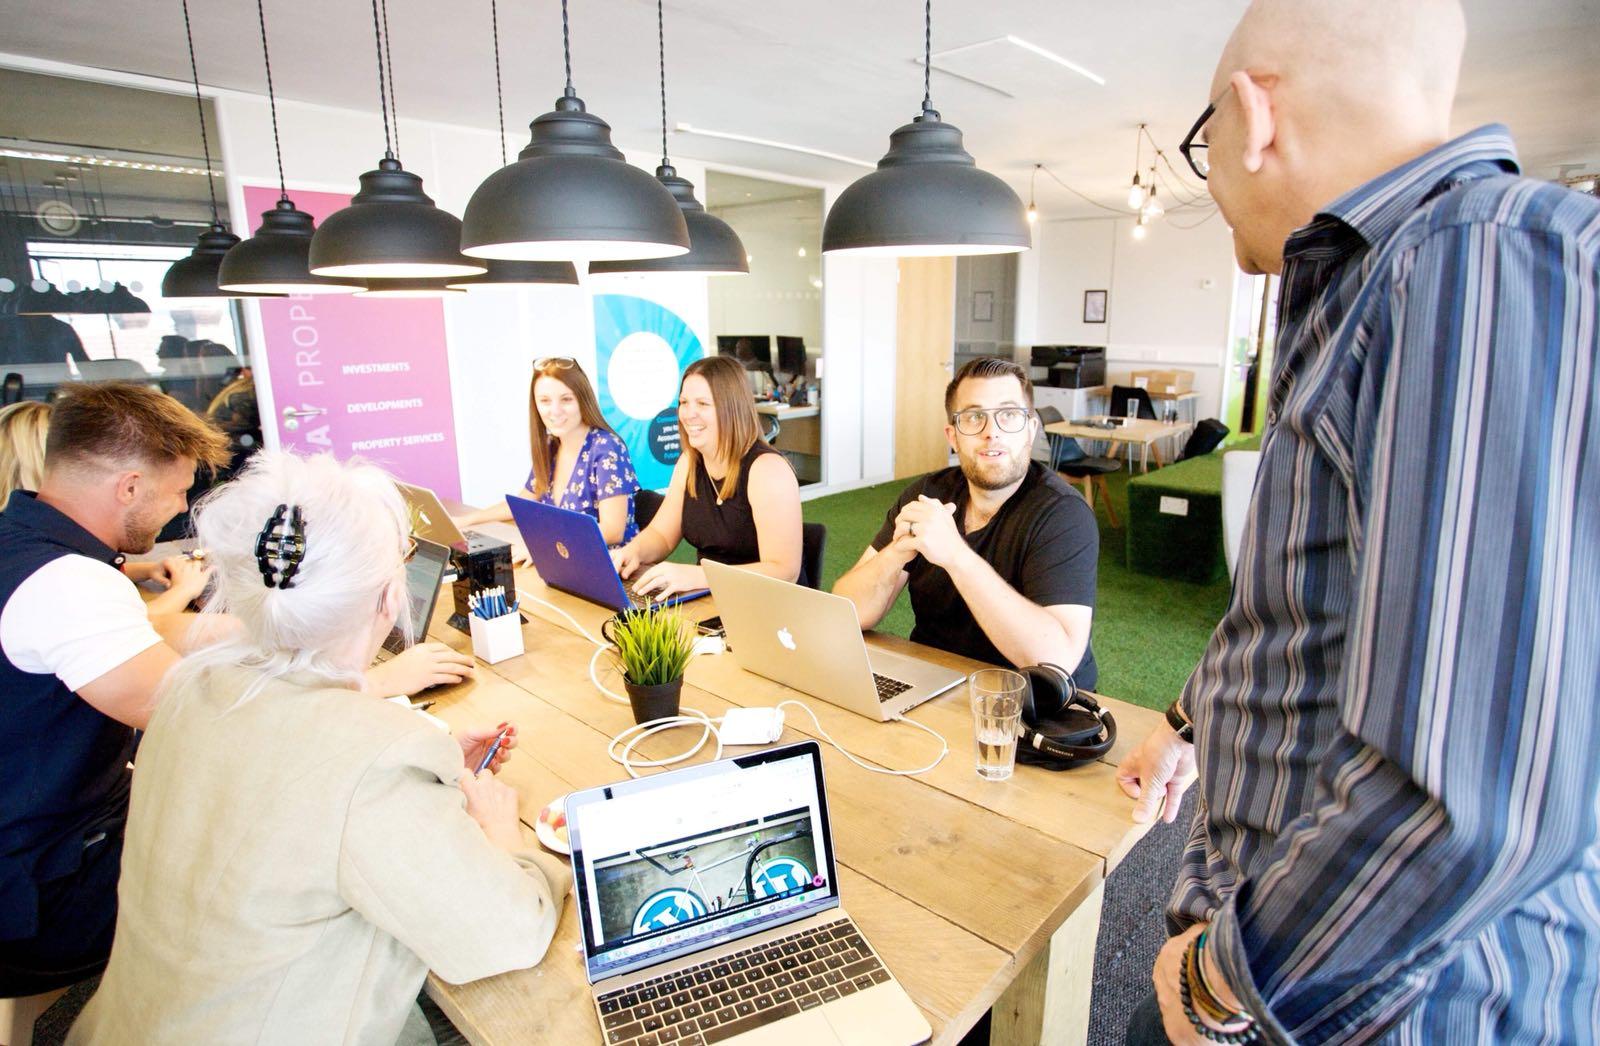 StormchasersDigital WordPress Corporate Training